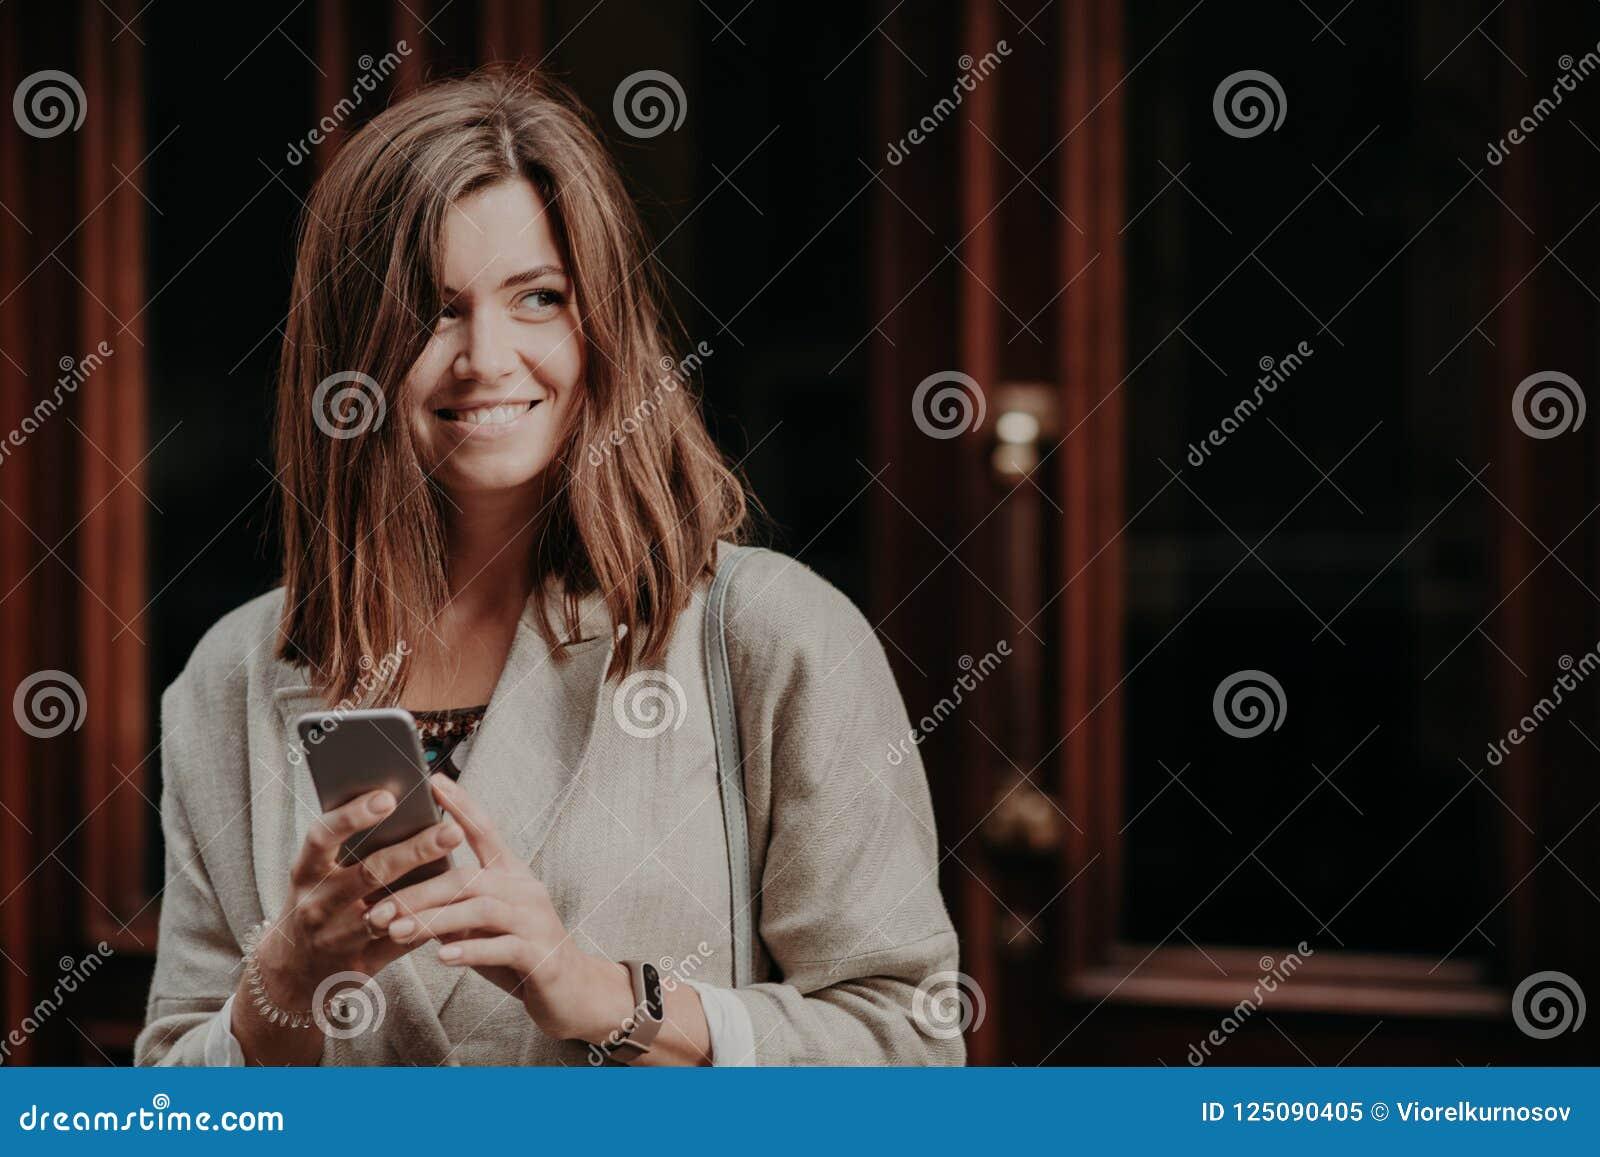 Fotoet av bra se kvinnan söker information, använder mobiltelefonen, iklätt elegant omslag, poserar mot dörrbakgrund, ser